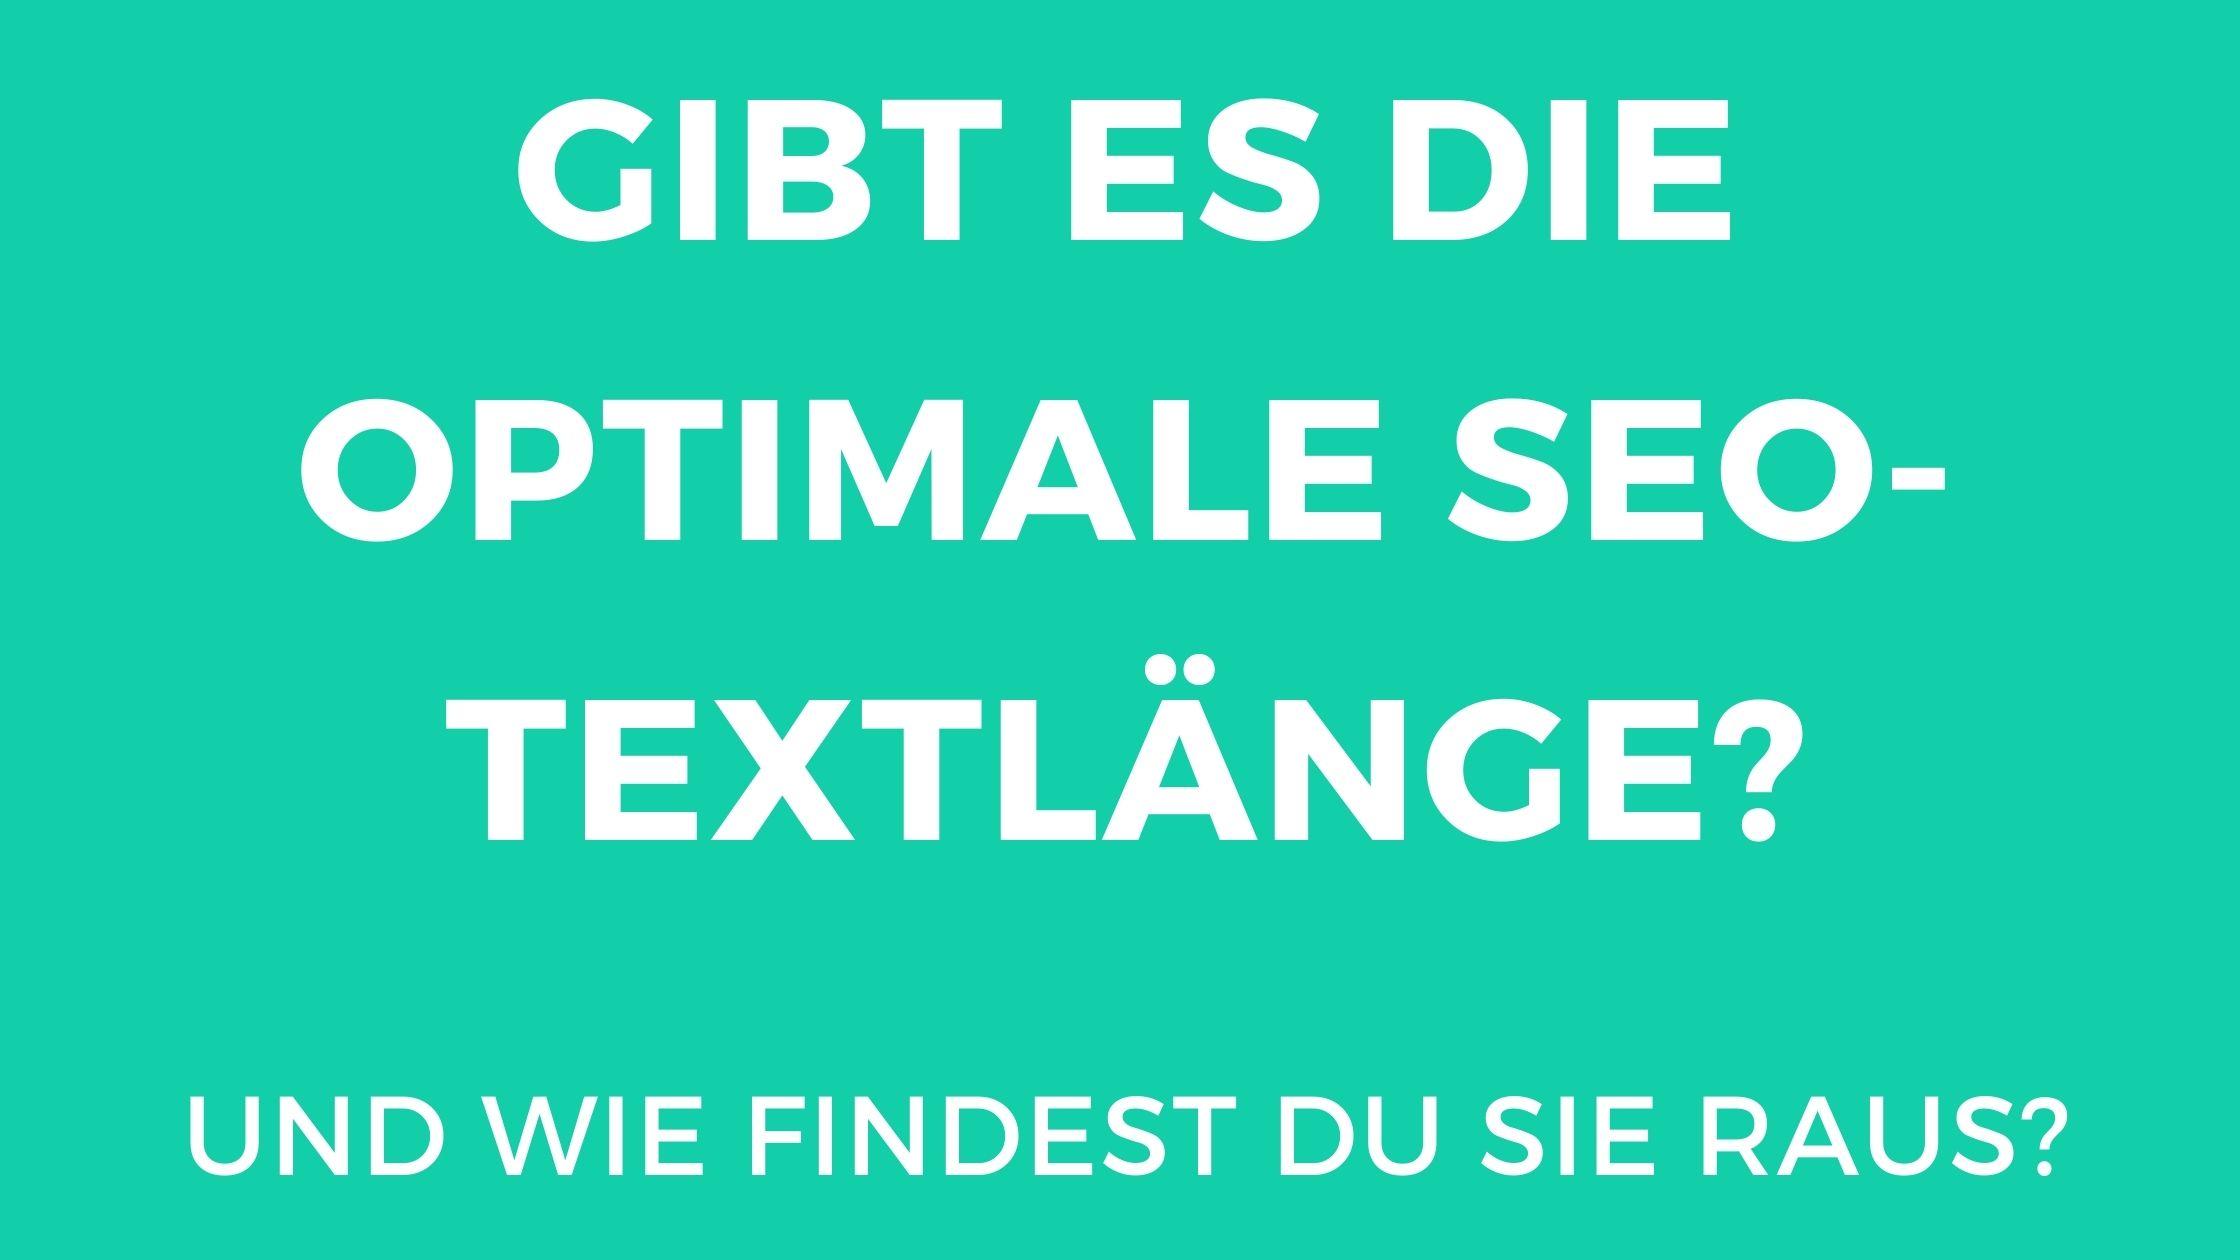 SEO-Textlänge_Blogbild